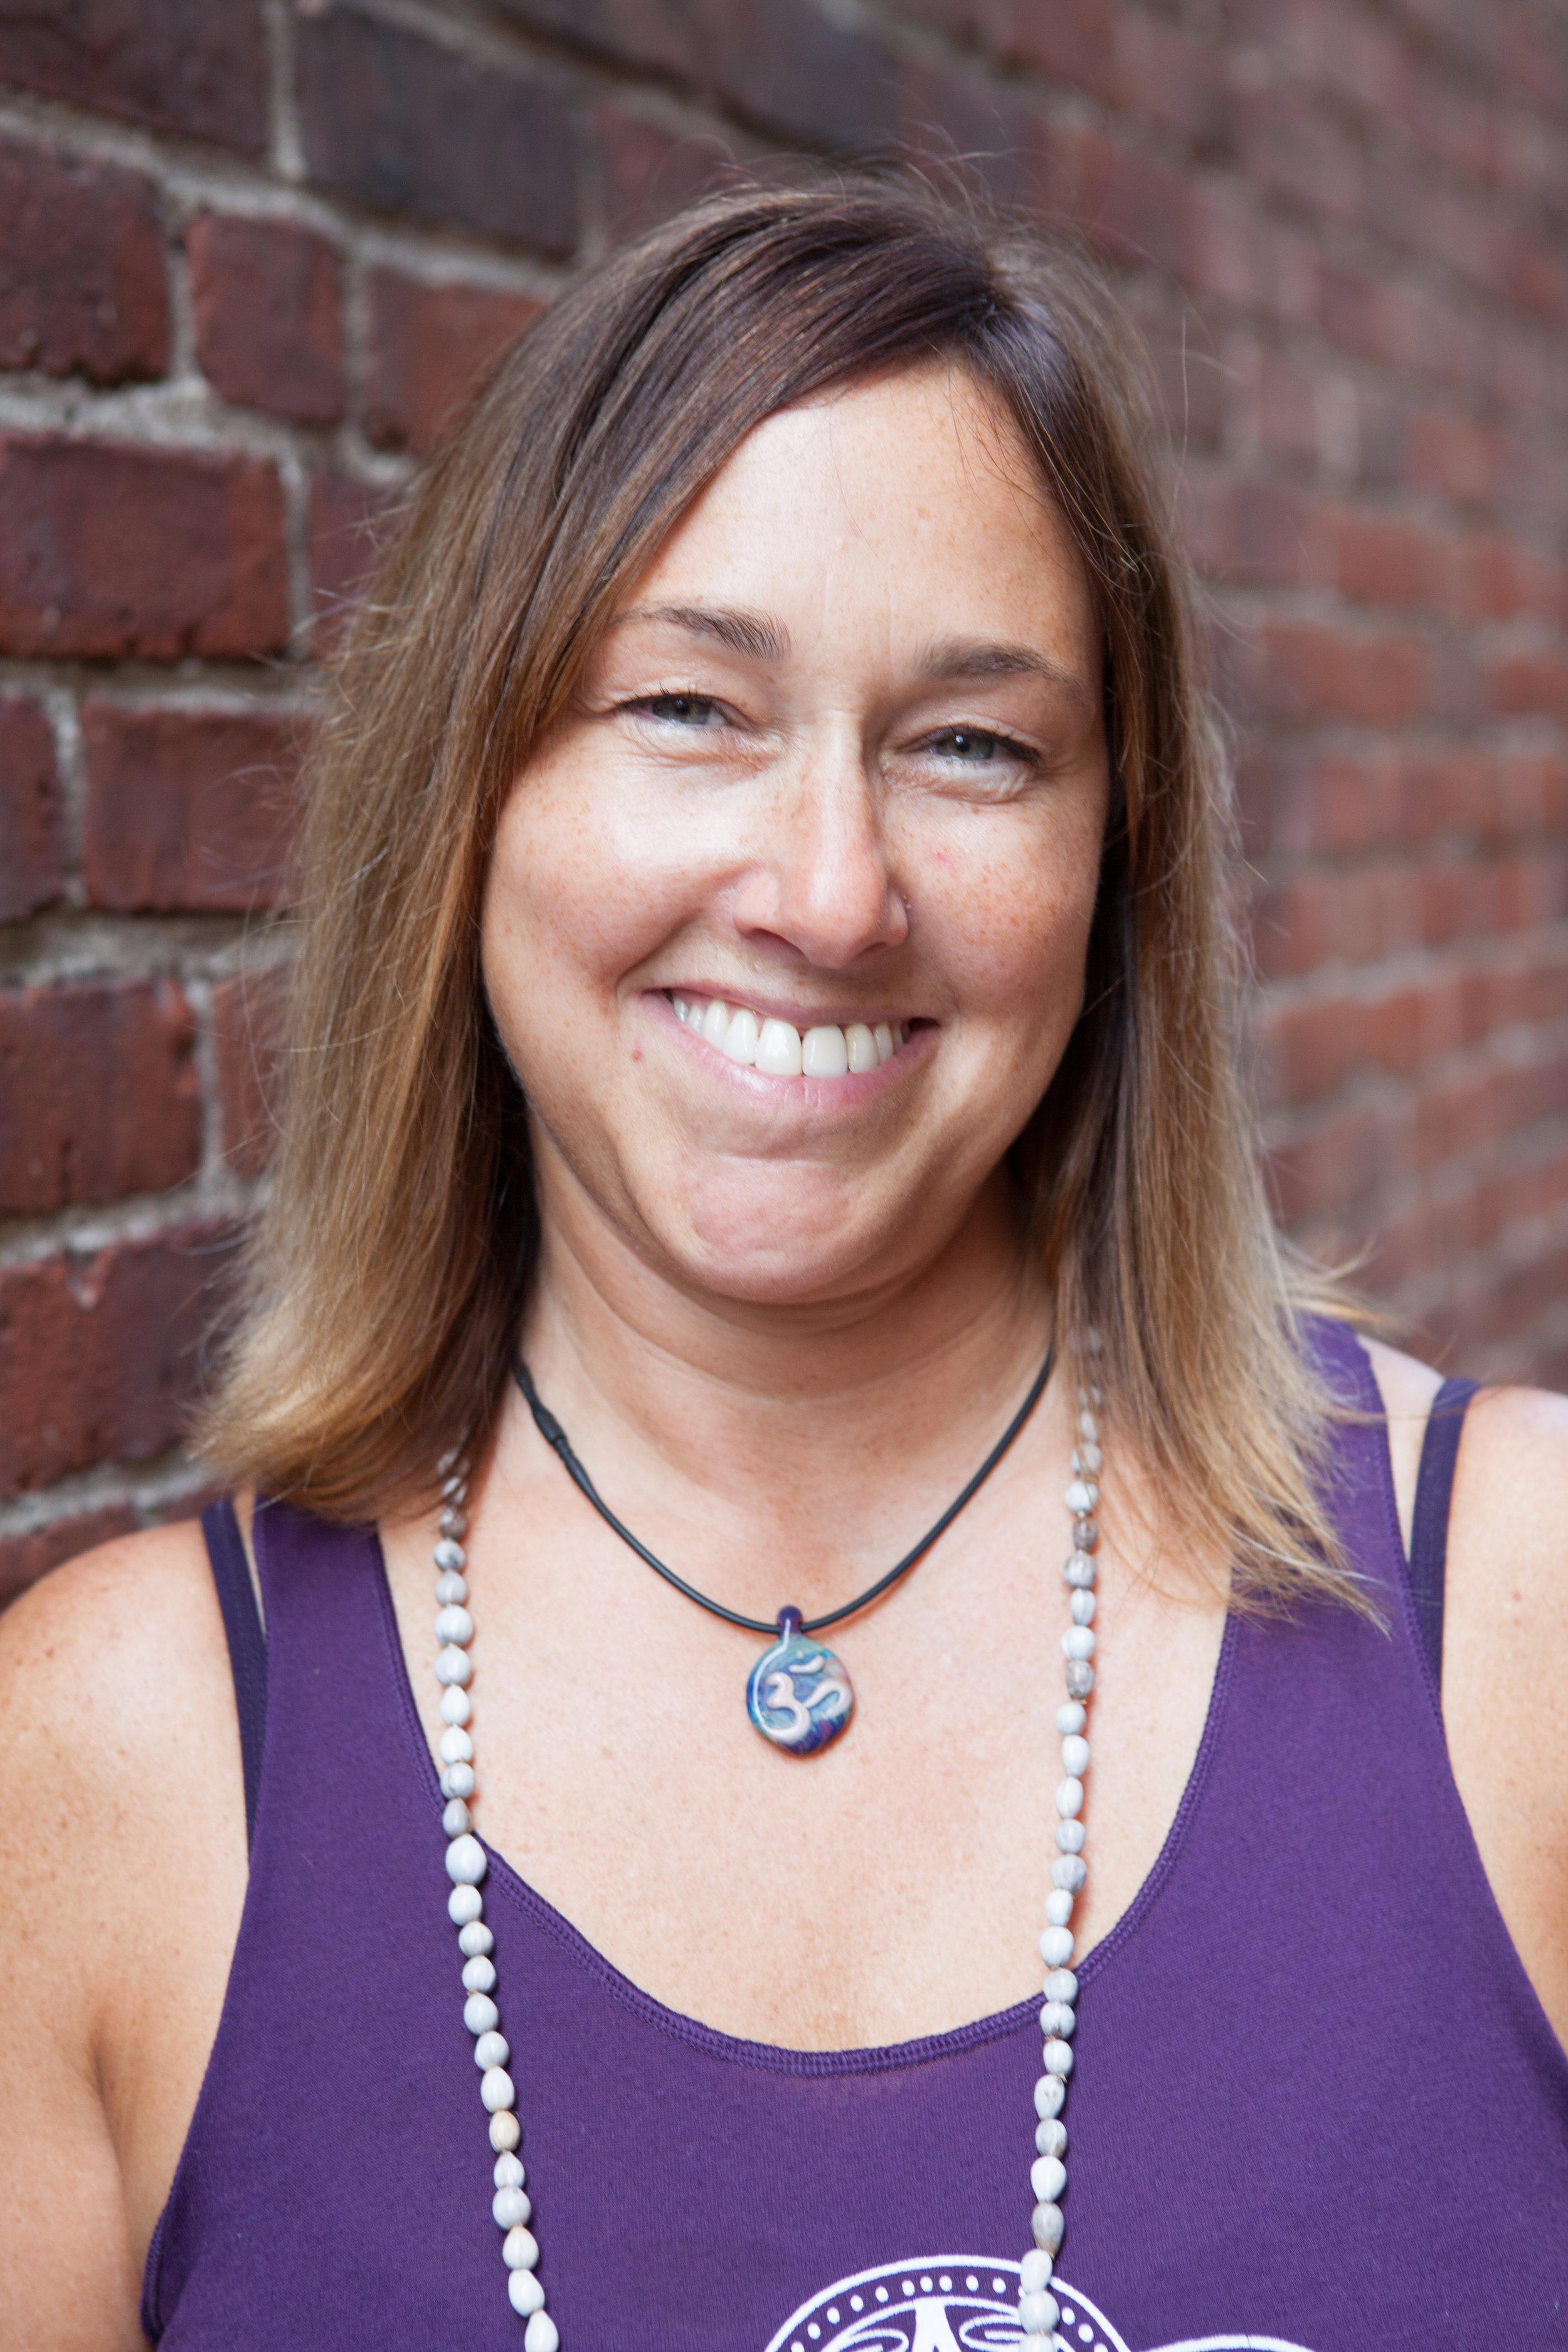 Julie Elpus